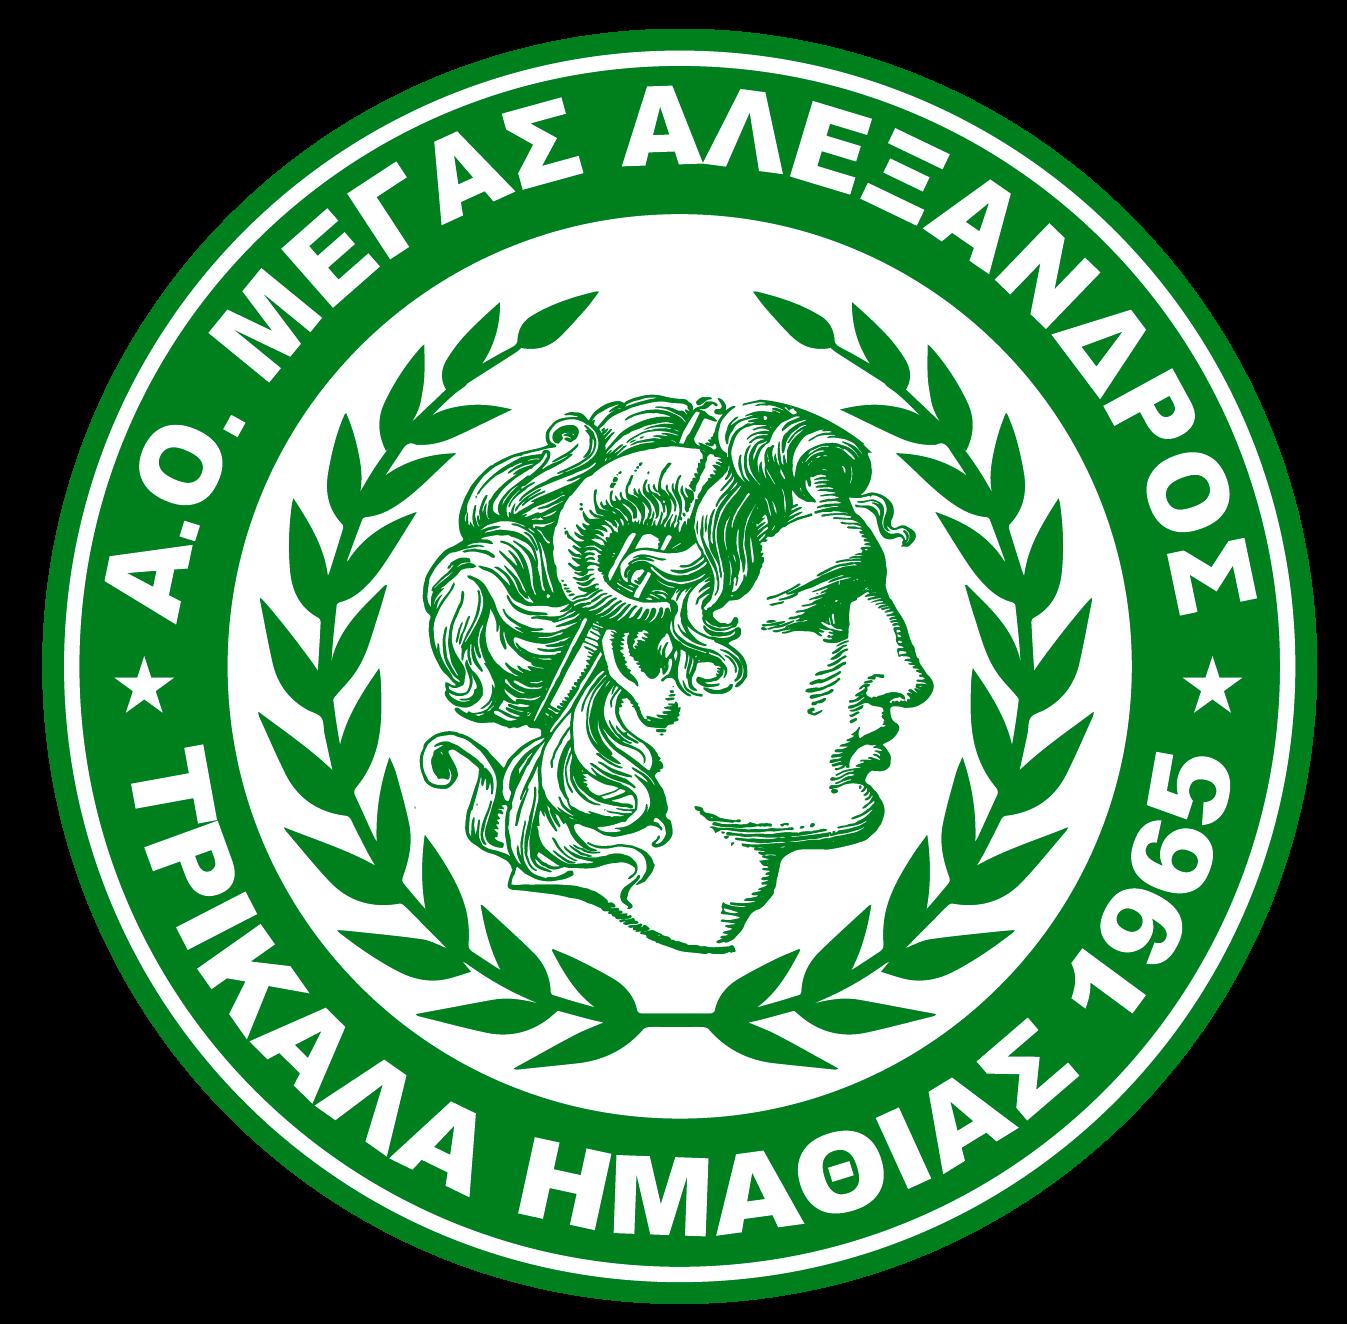 Α.Ο. ''ΜΕΓΑΣ ΑΛΕΞΑΝΔΡΟΣ'' ΤΡΙΚΑΛΩΝ